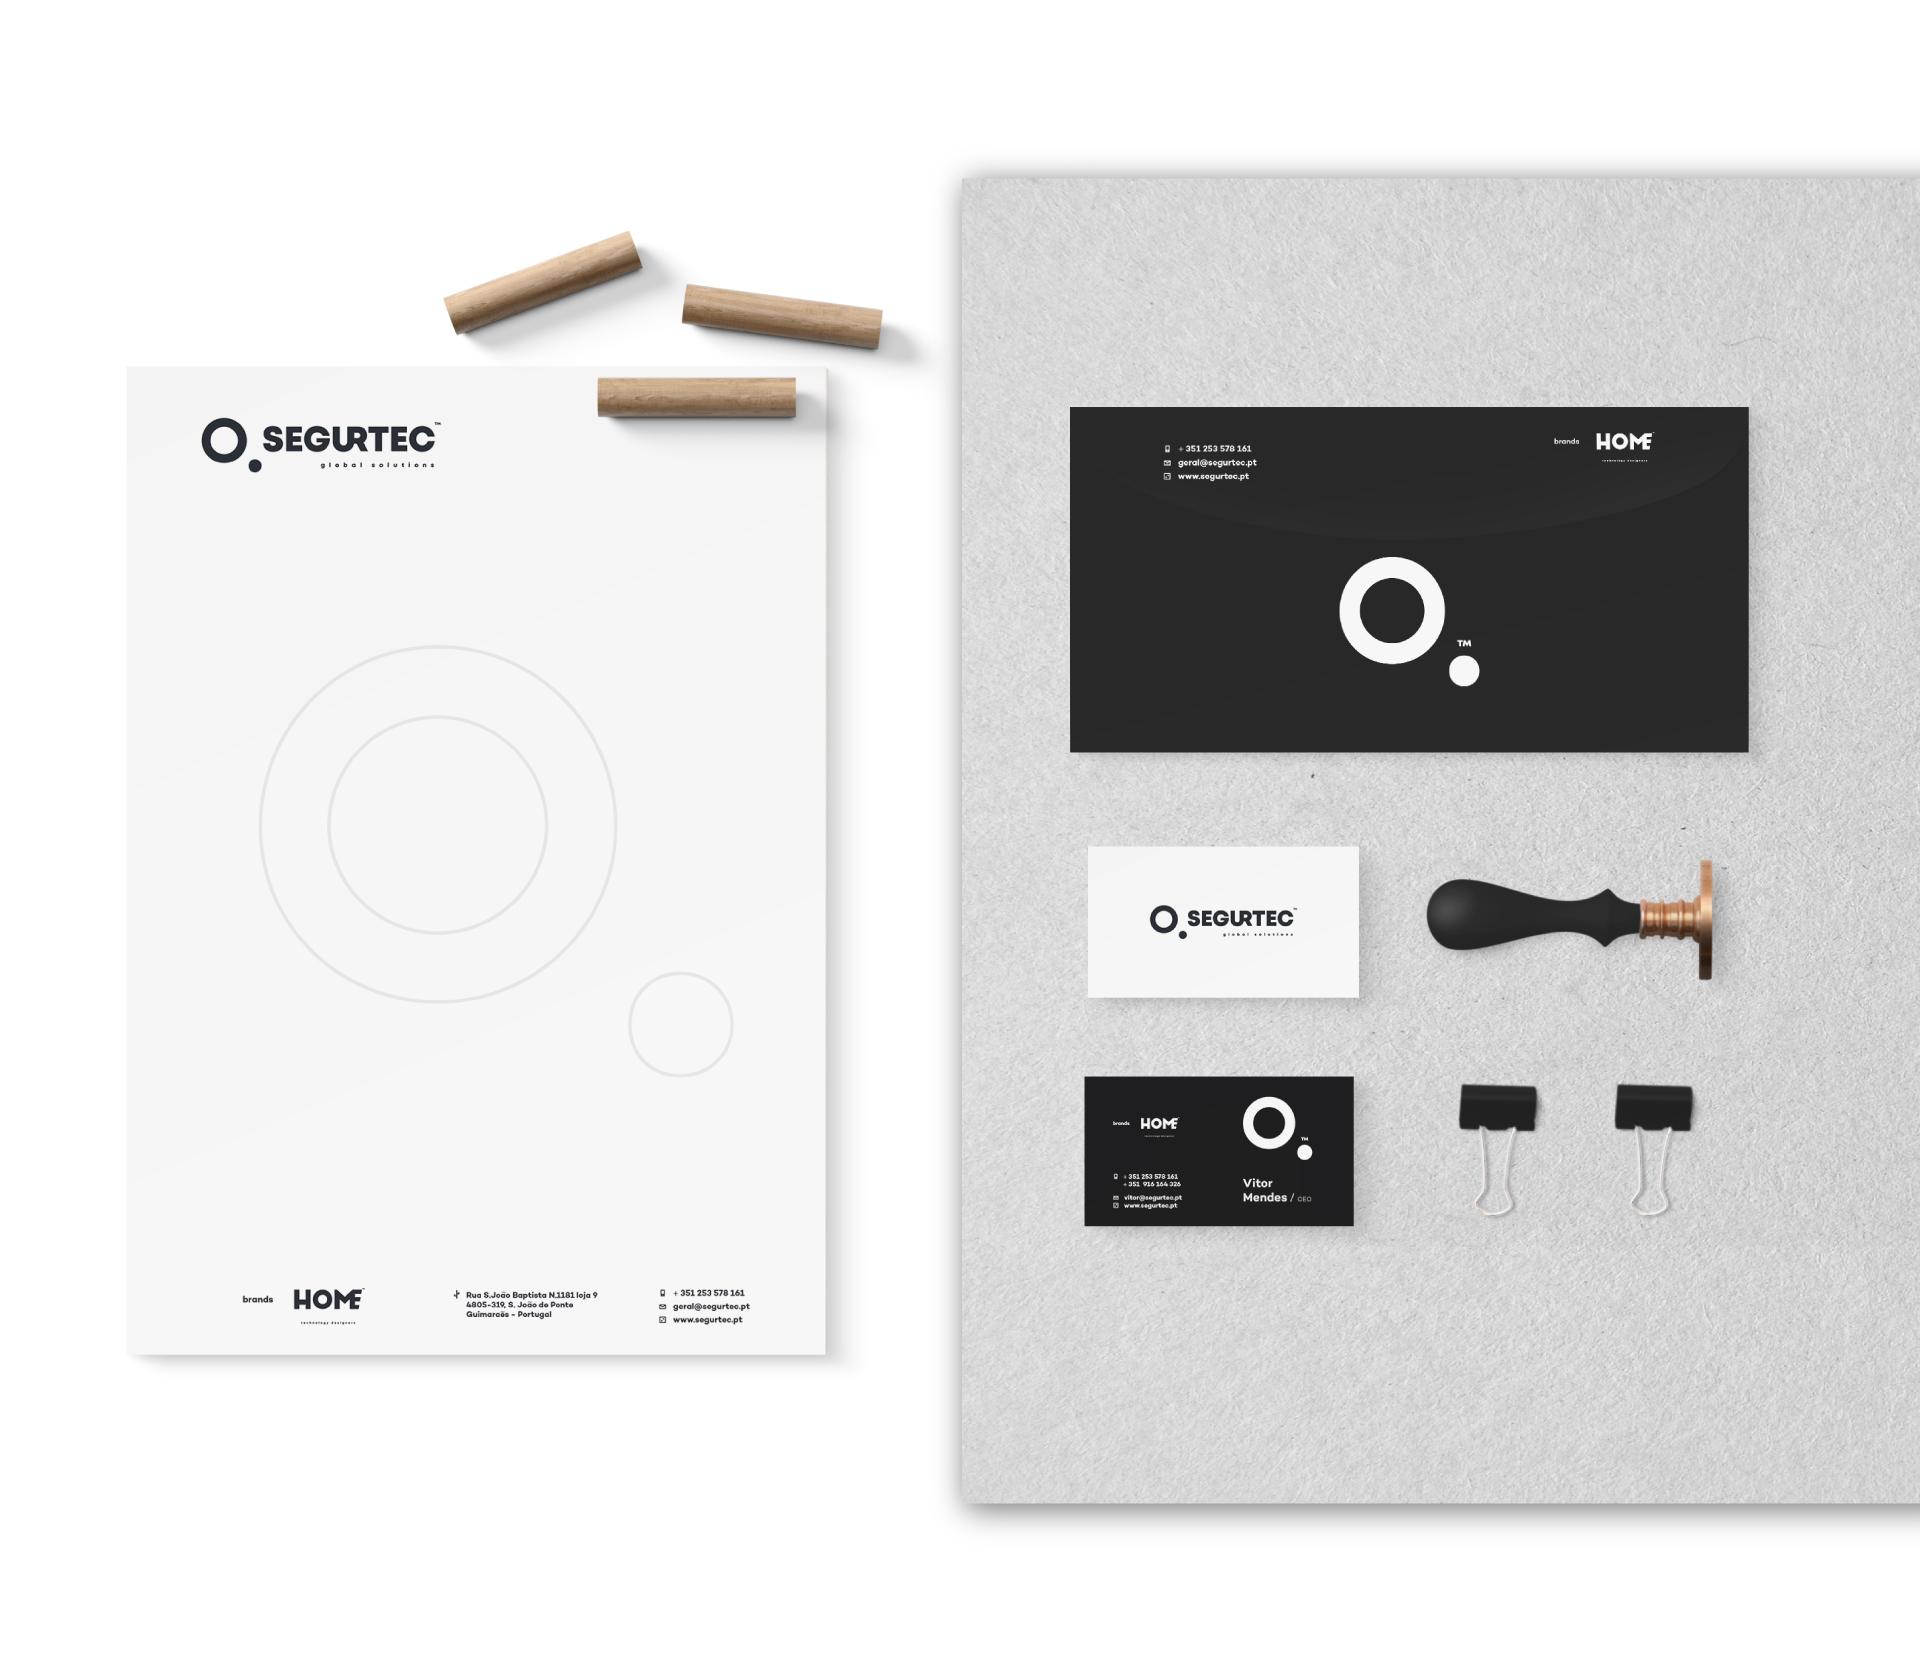 Exemplo de aplicação da marca Segurtec em envelopes, cartões e papel timbrado